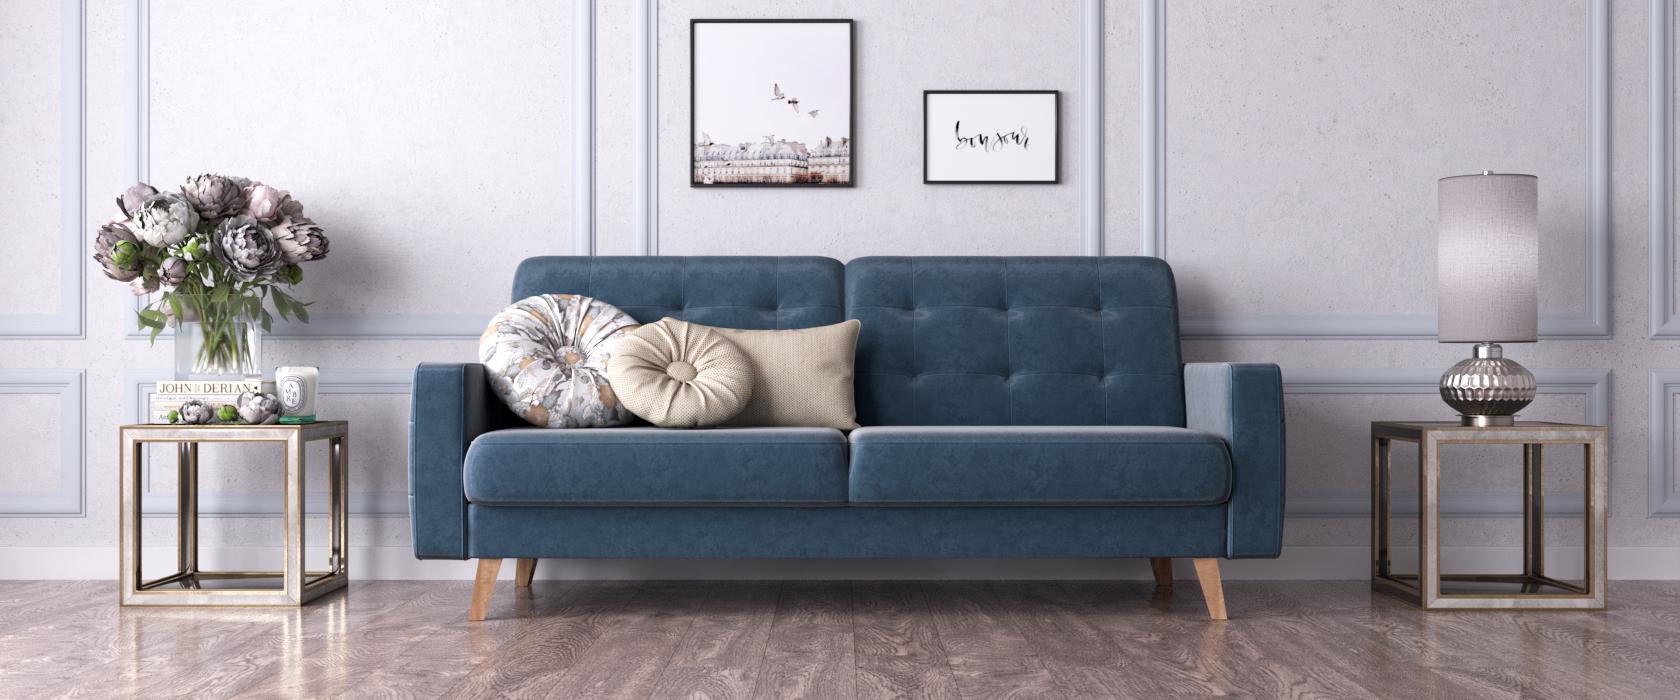 Трехместный диван Savoia - Фото 2 - Pufetto